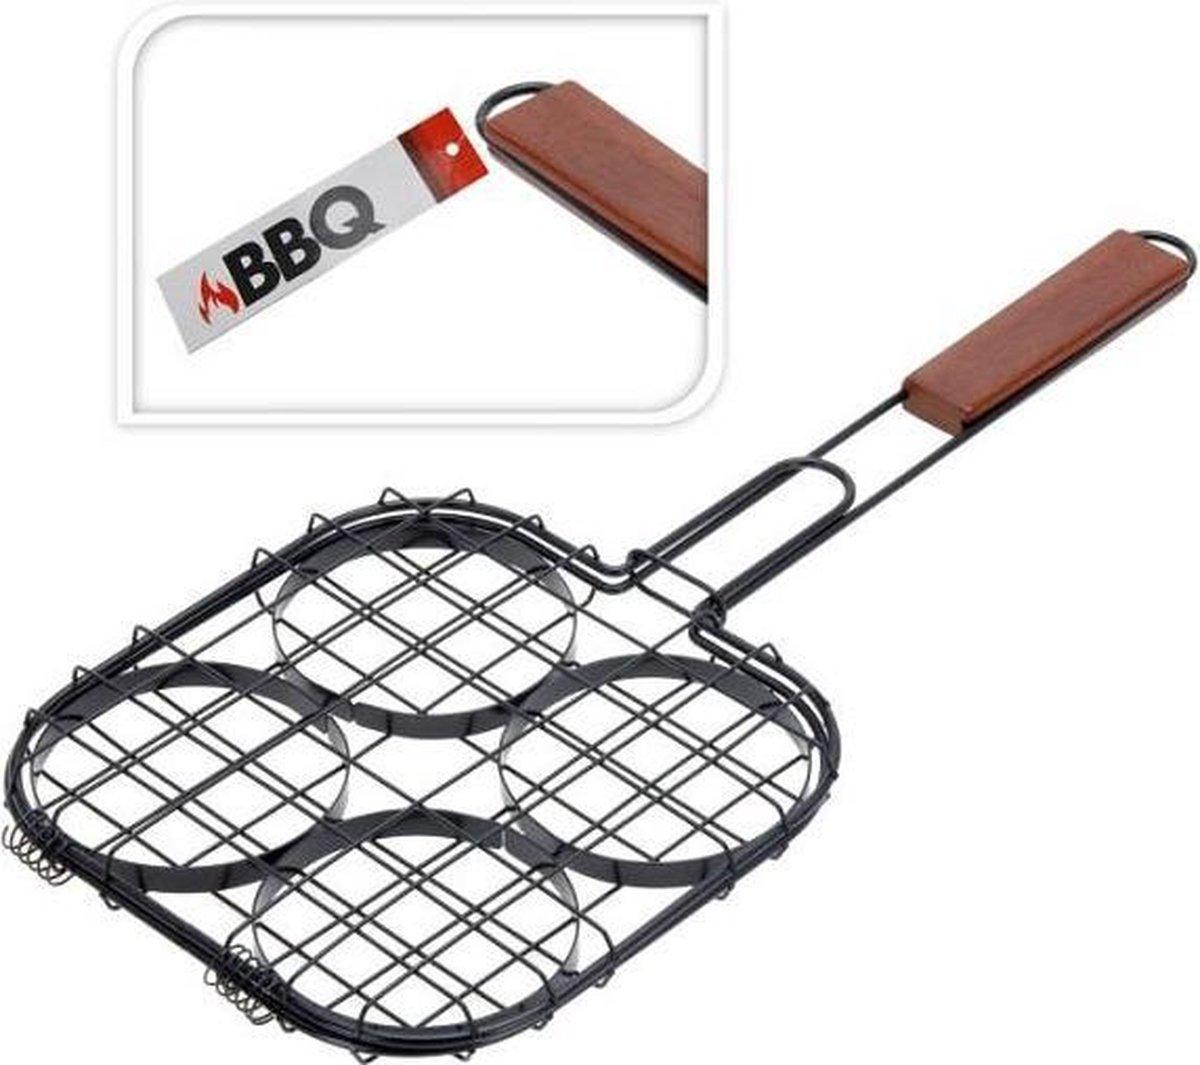 Krumble BBQ Hamburger grillklem voor op de barbecue